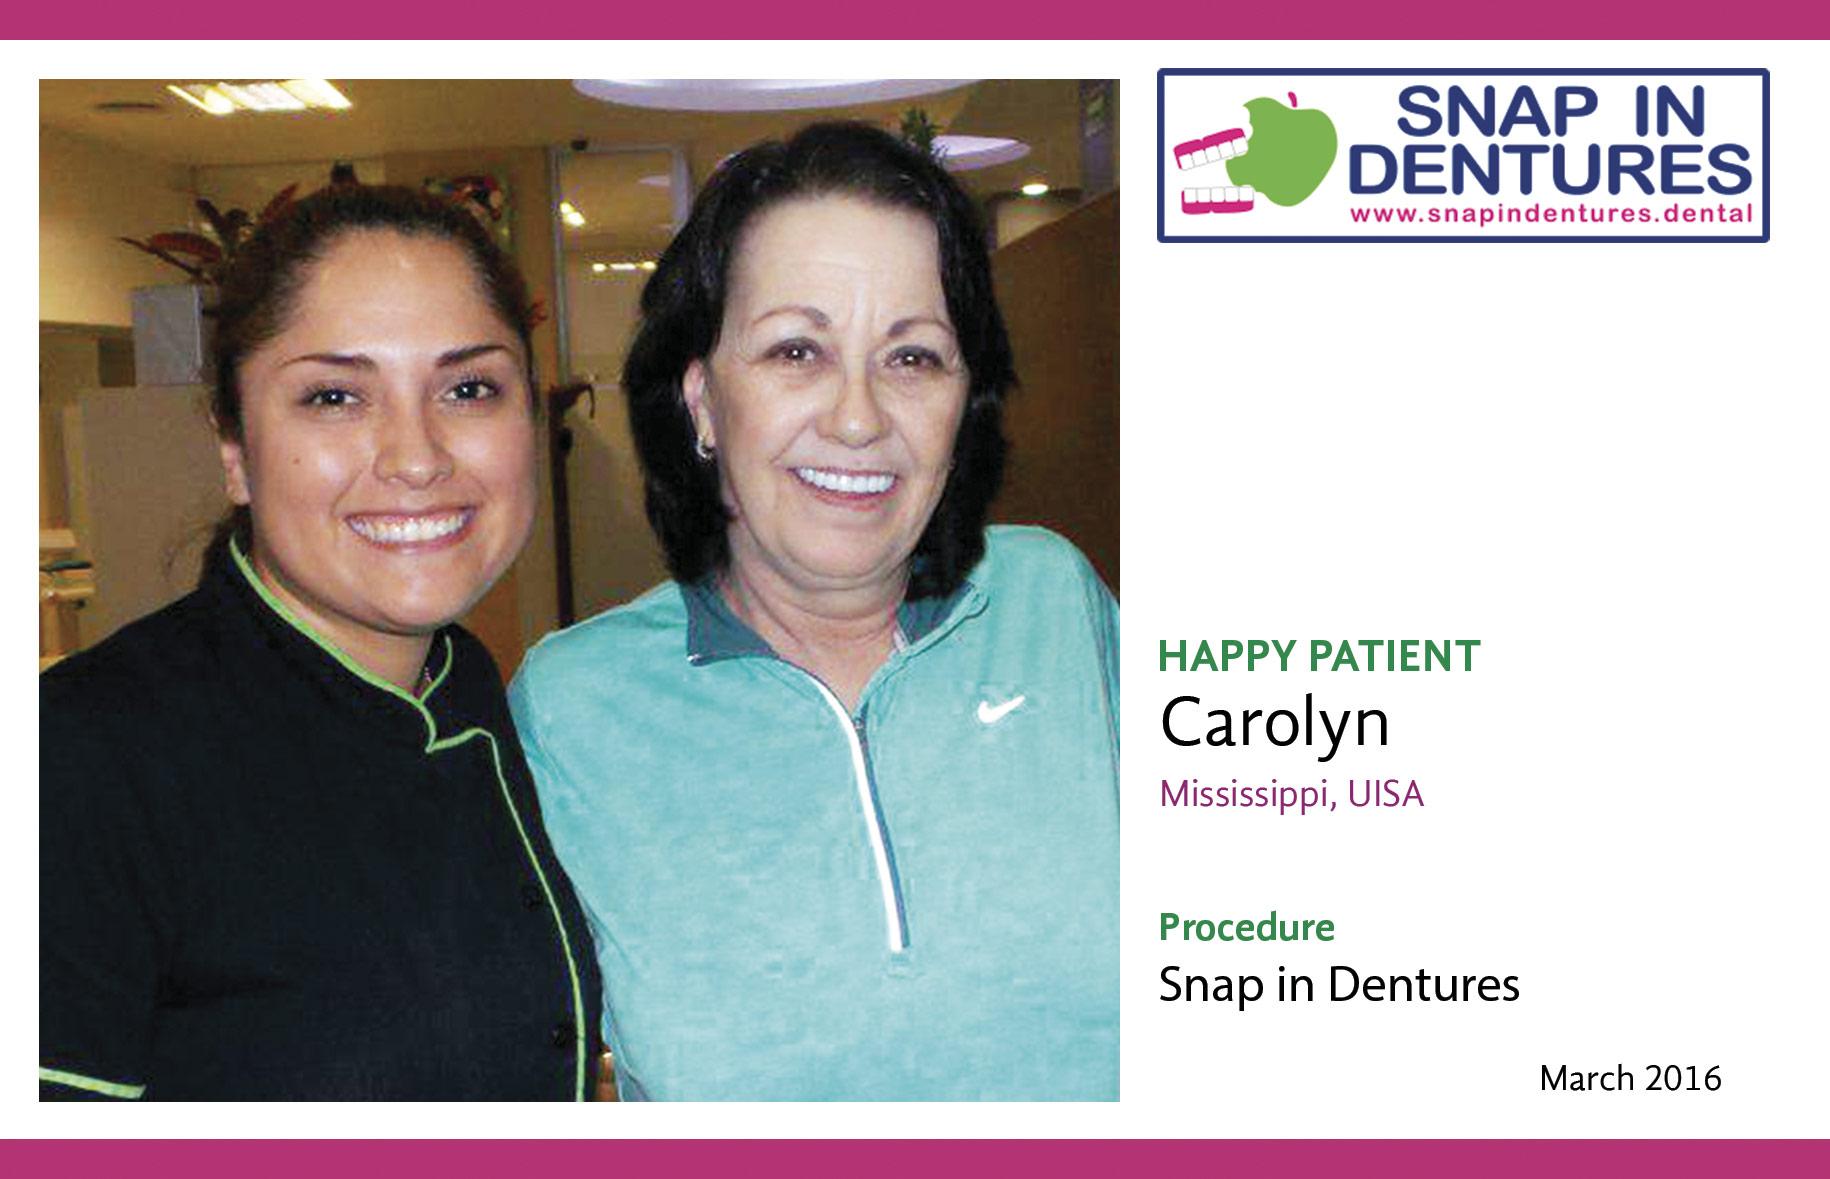 Snap in dentures: Happy Patient Carolyn!